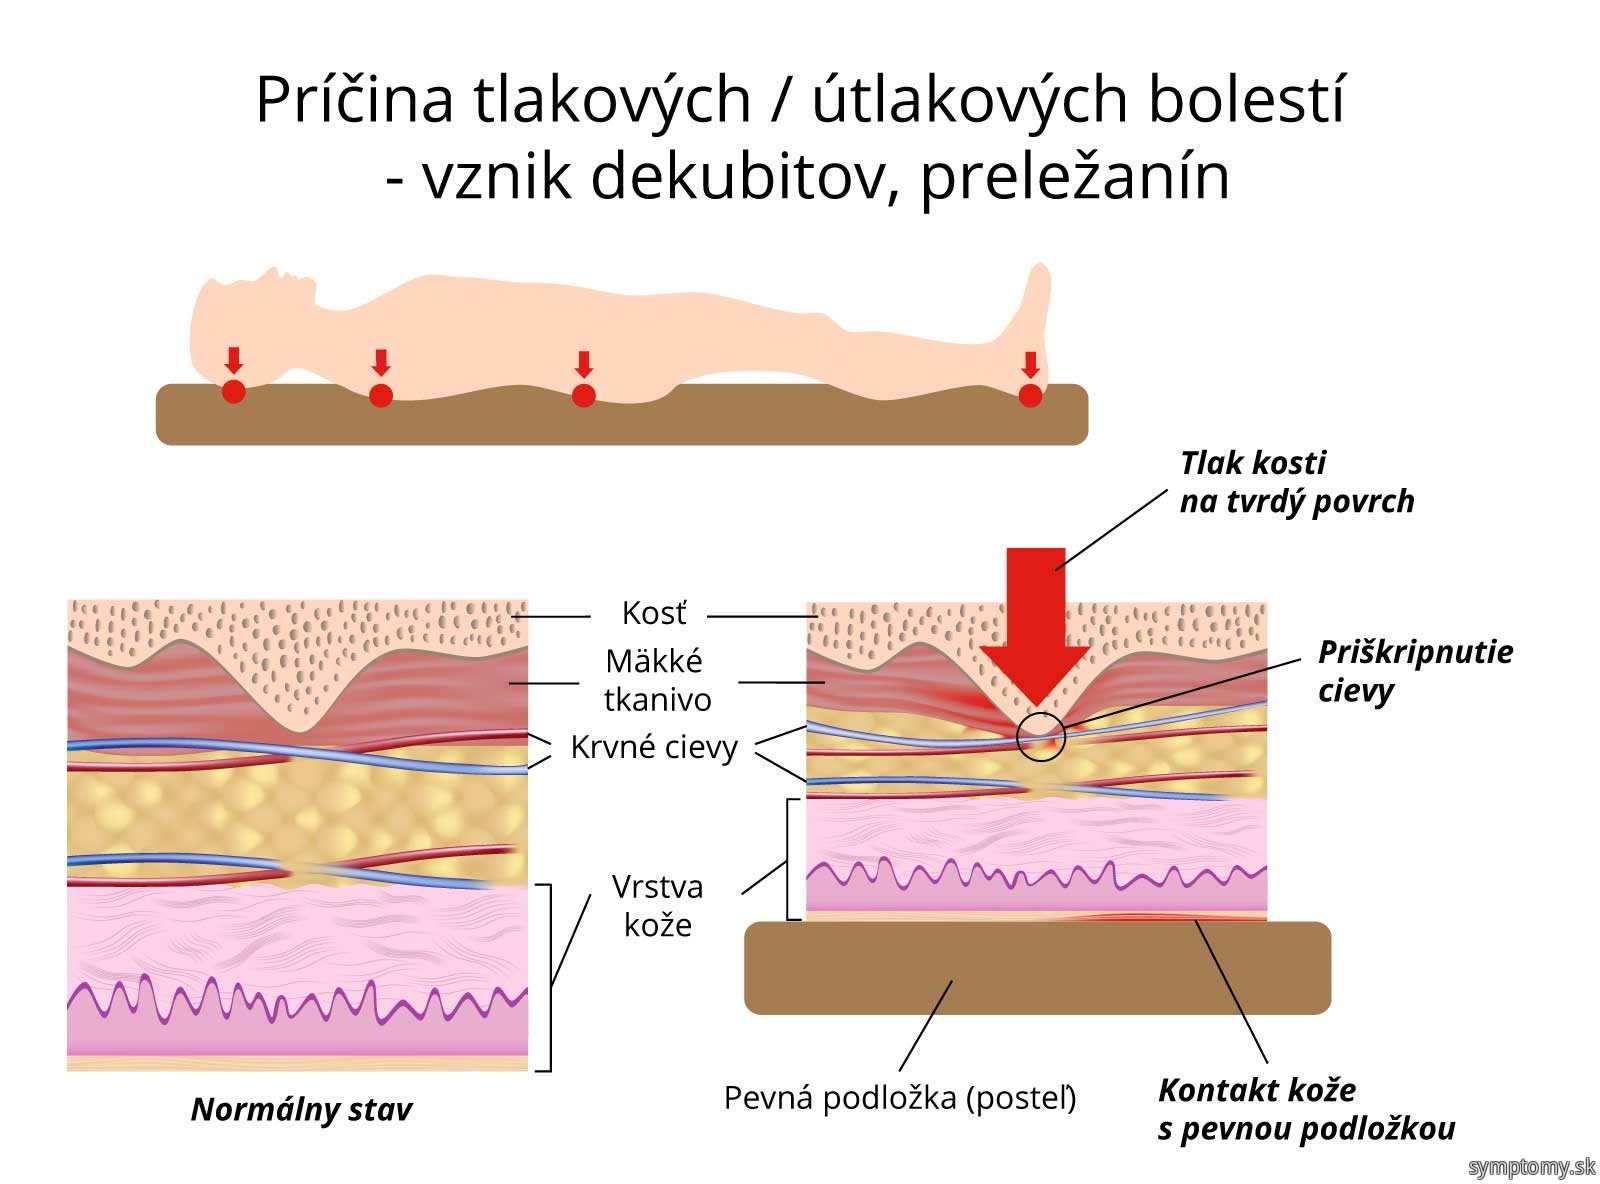 Príčina tlakových - útlakových bolestí